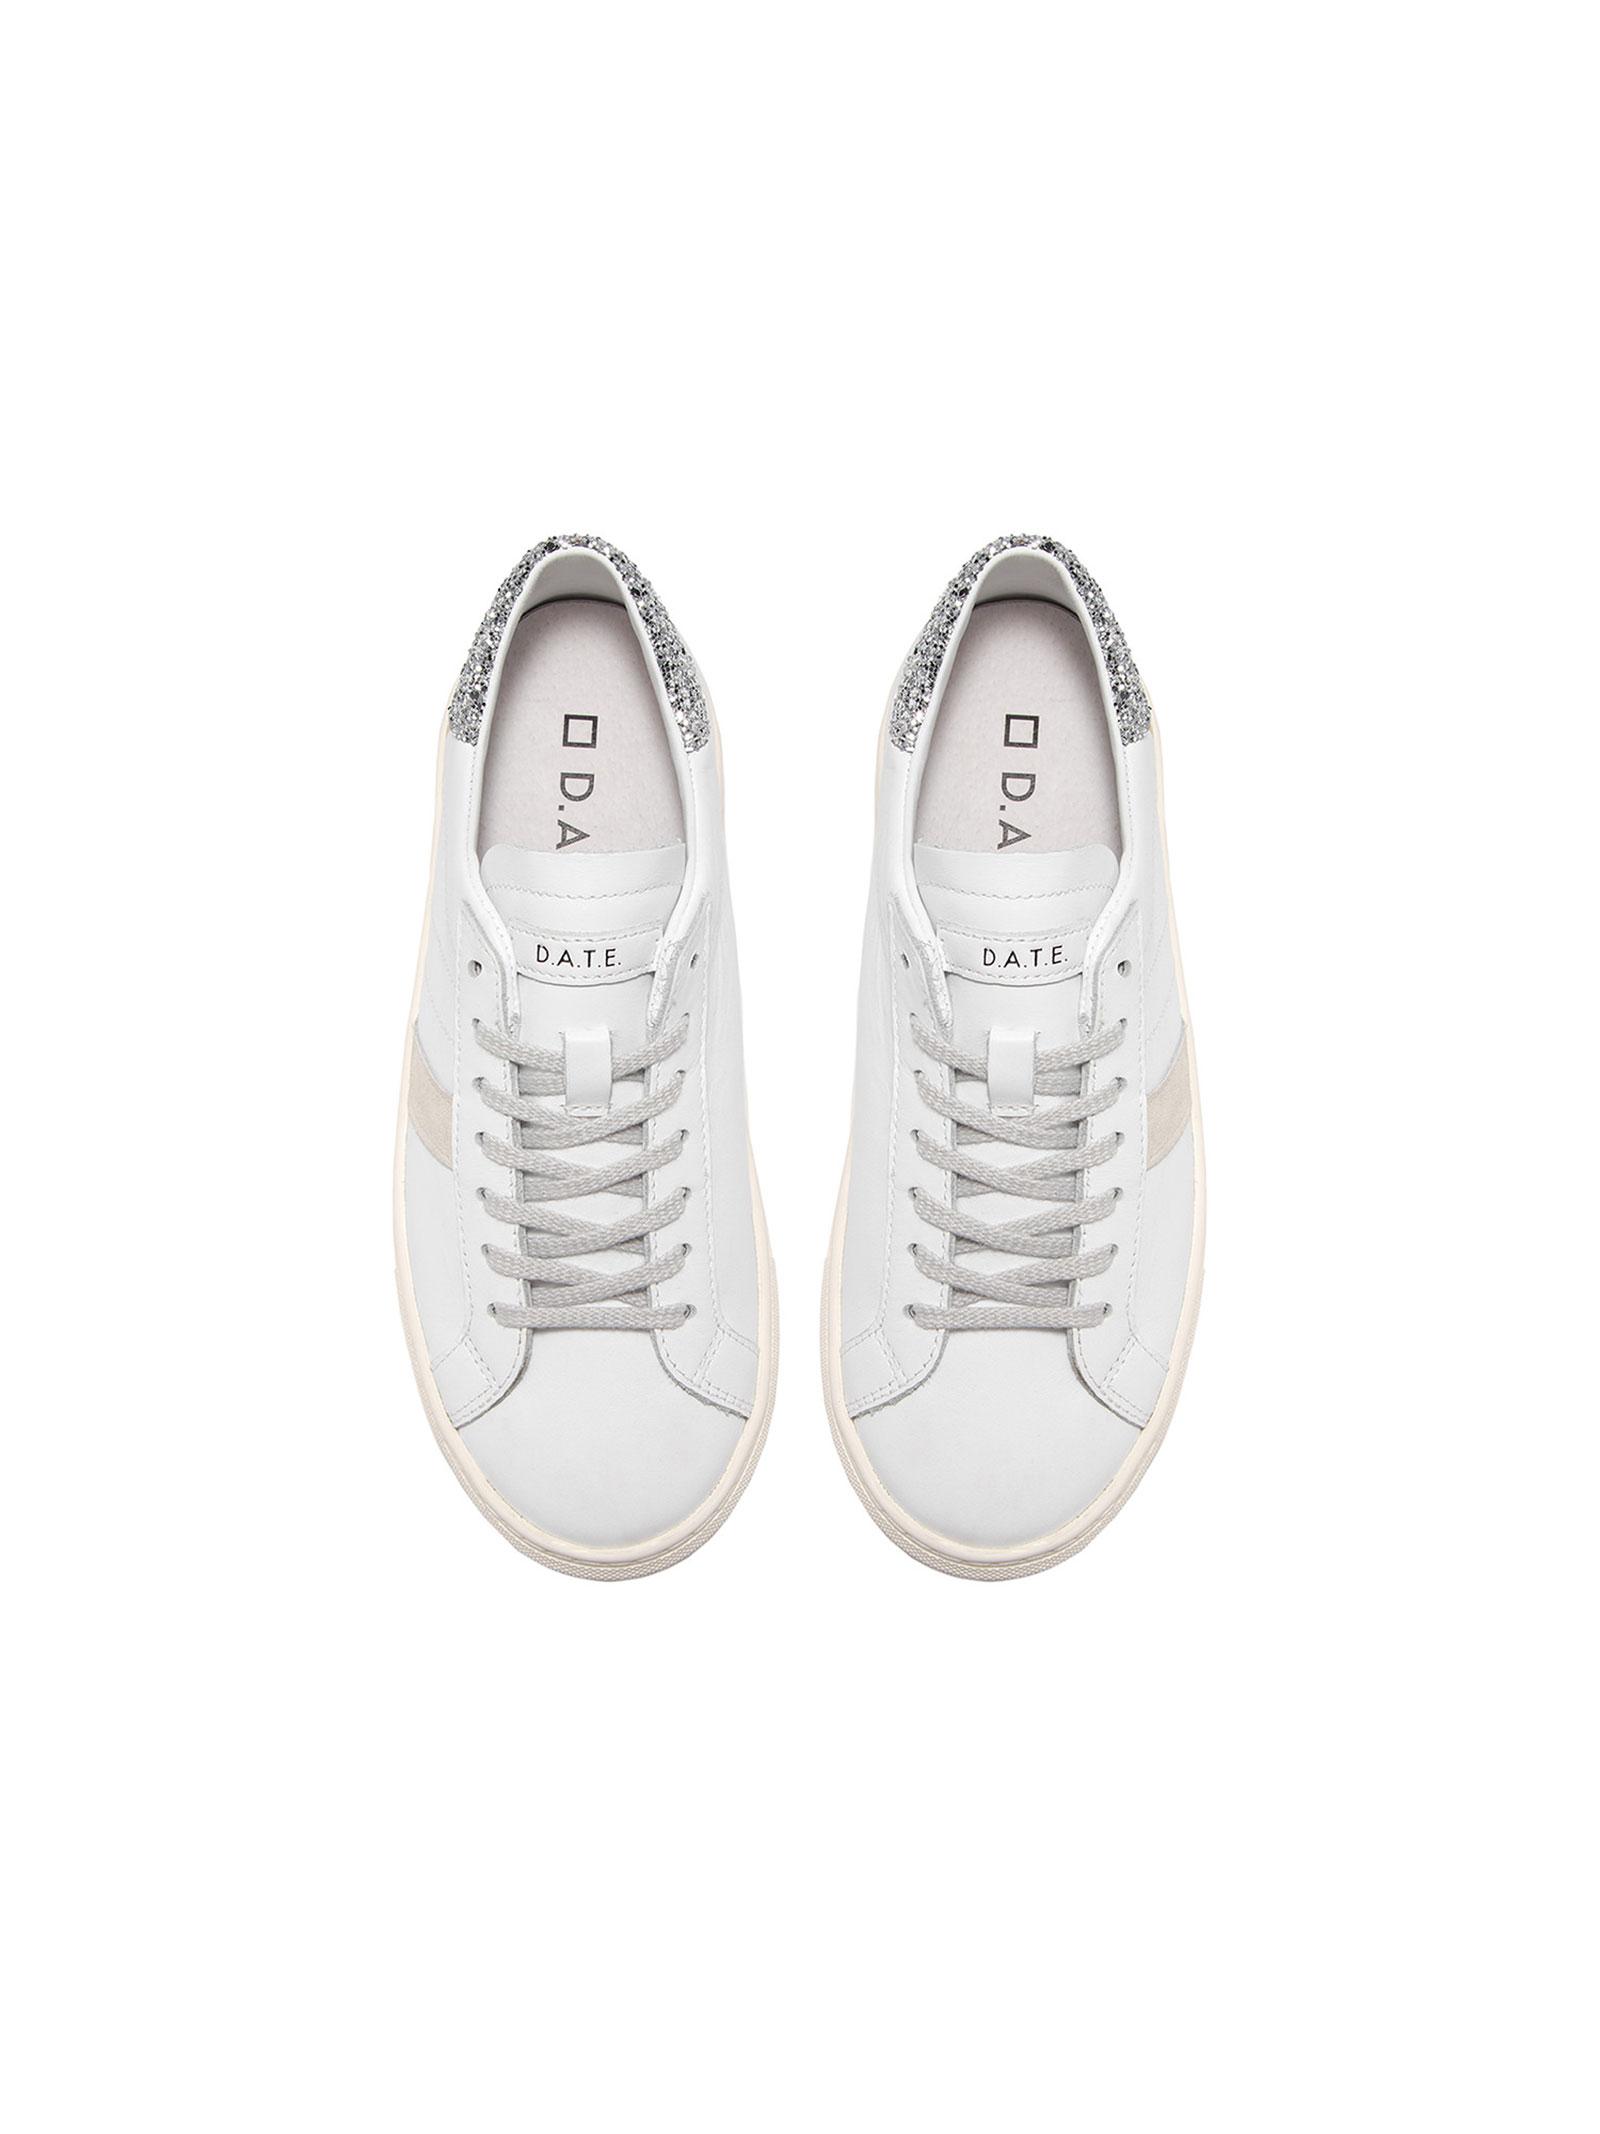 vertigo D.A.T.E. | Sneakers | W341-VE-CA-WSWH-SILVER